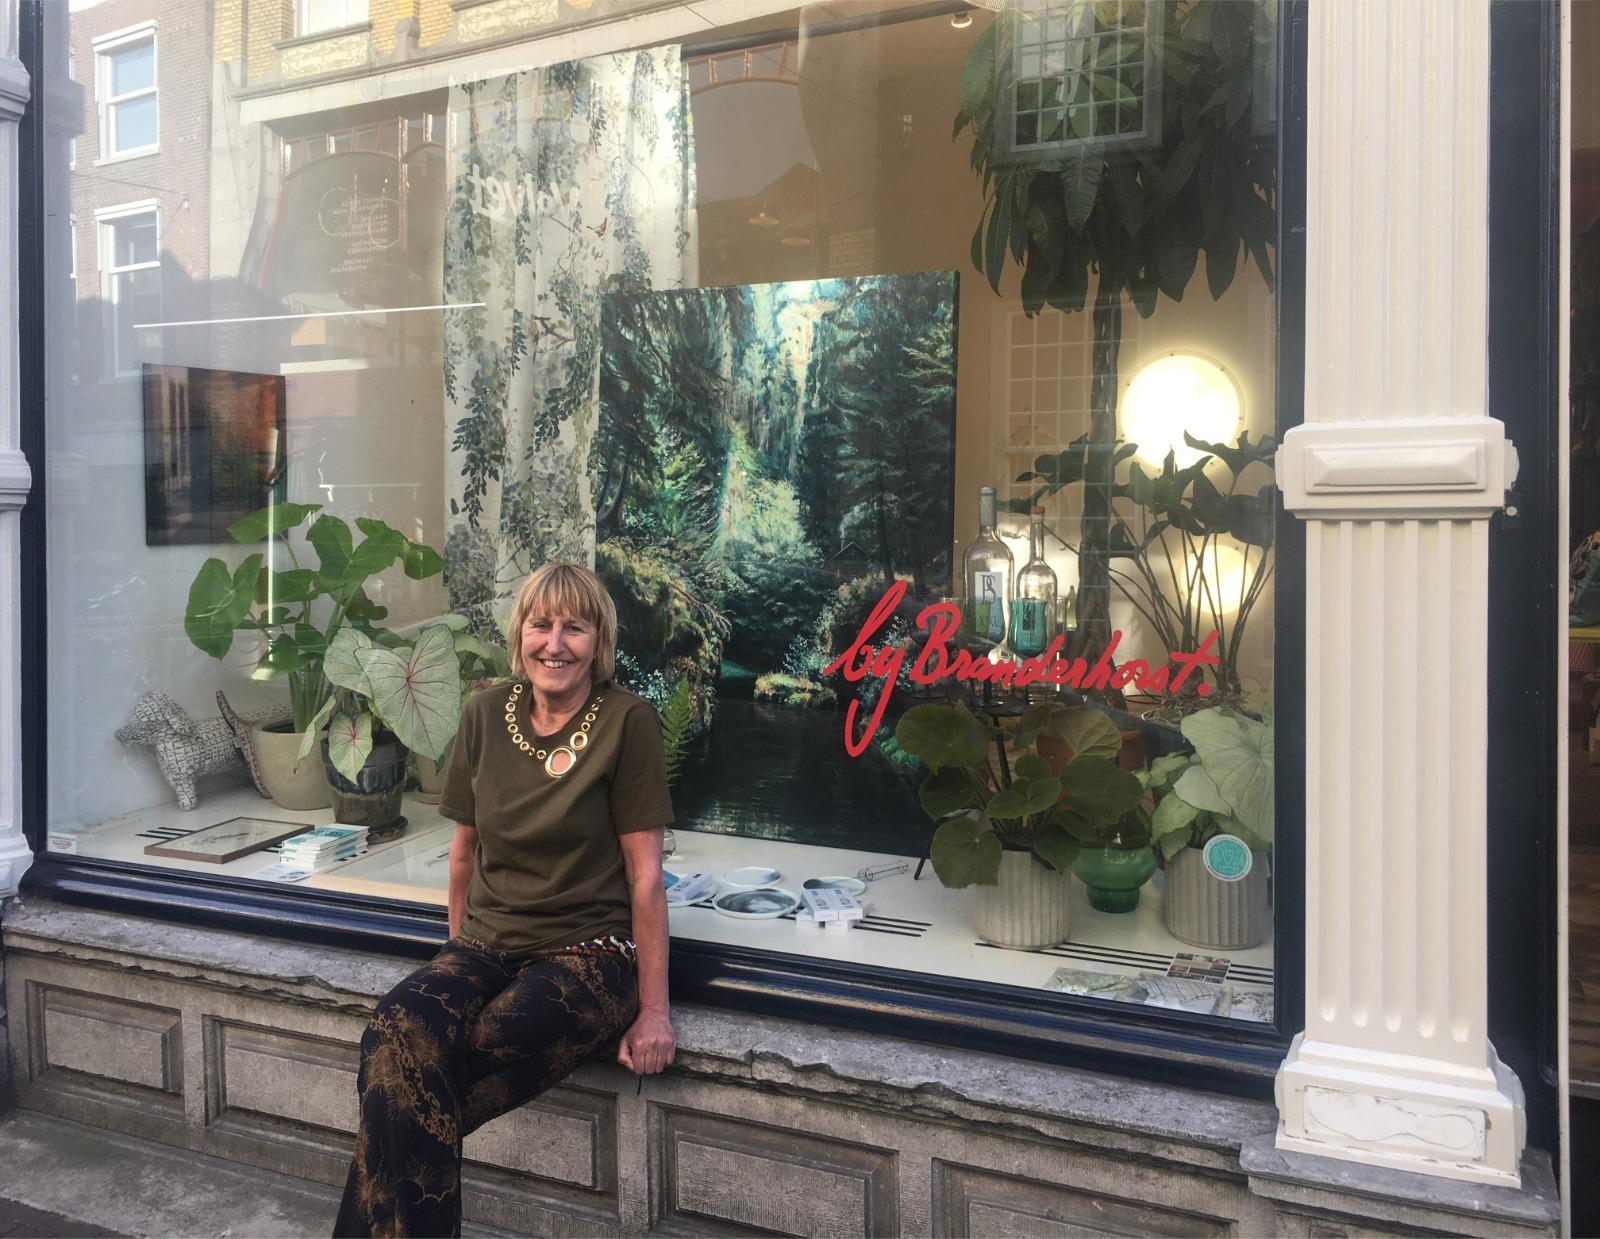 Jolanda byBranderhorst concept store Voorstraat-Noord Dordrecht